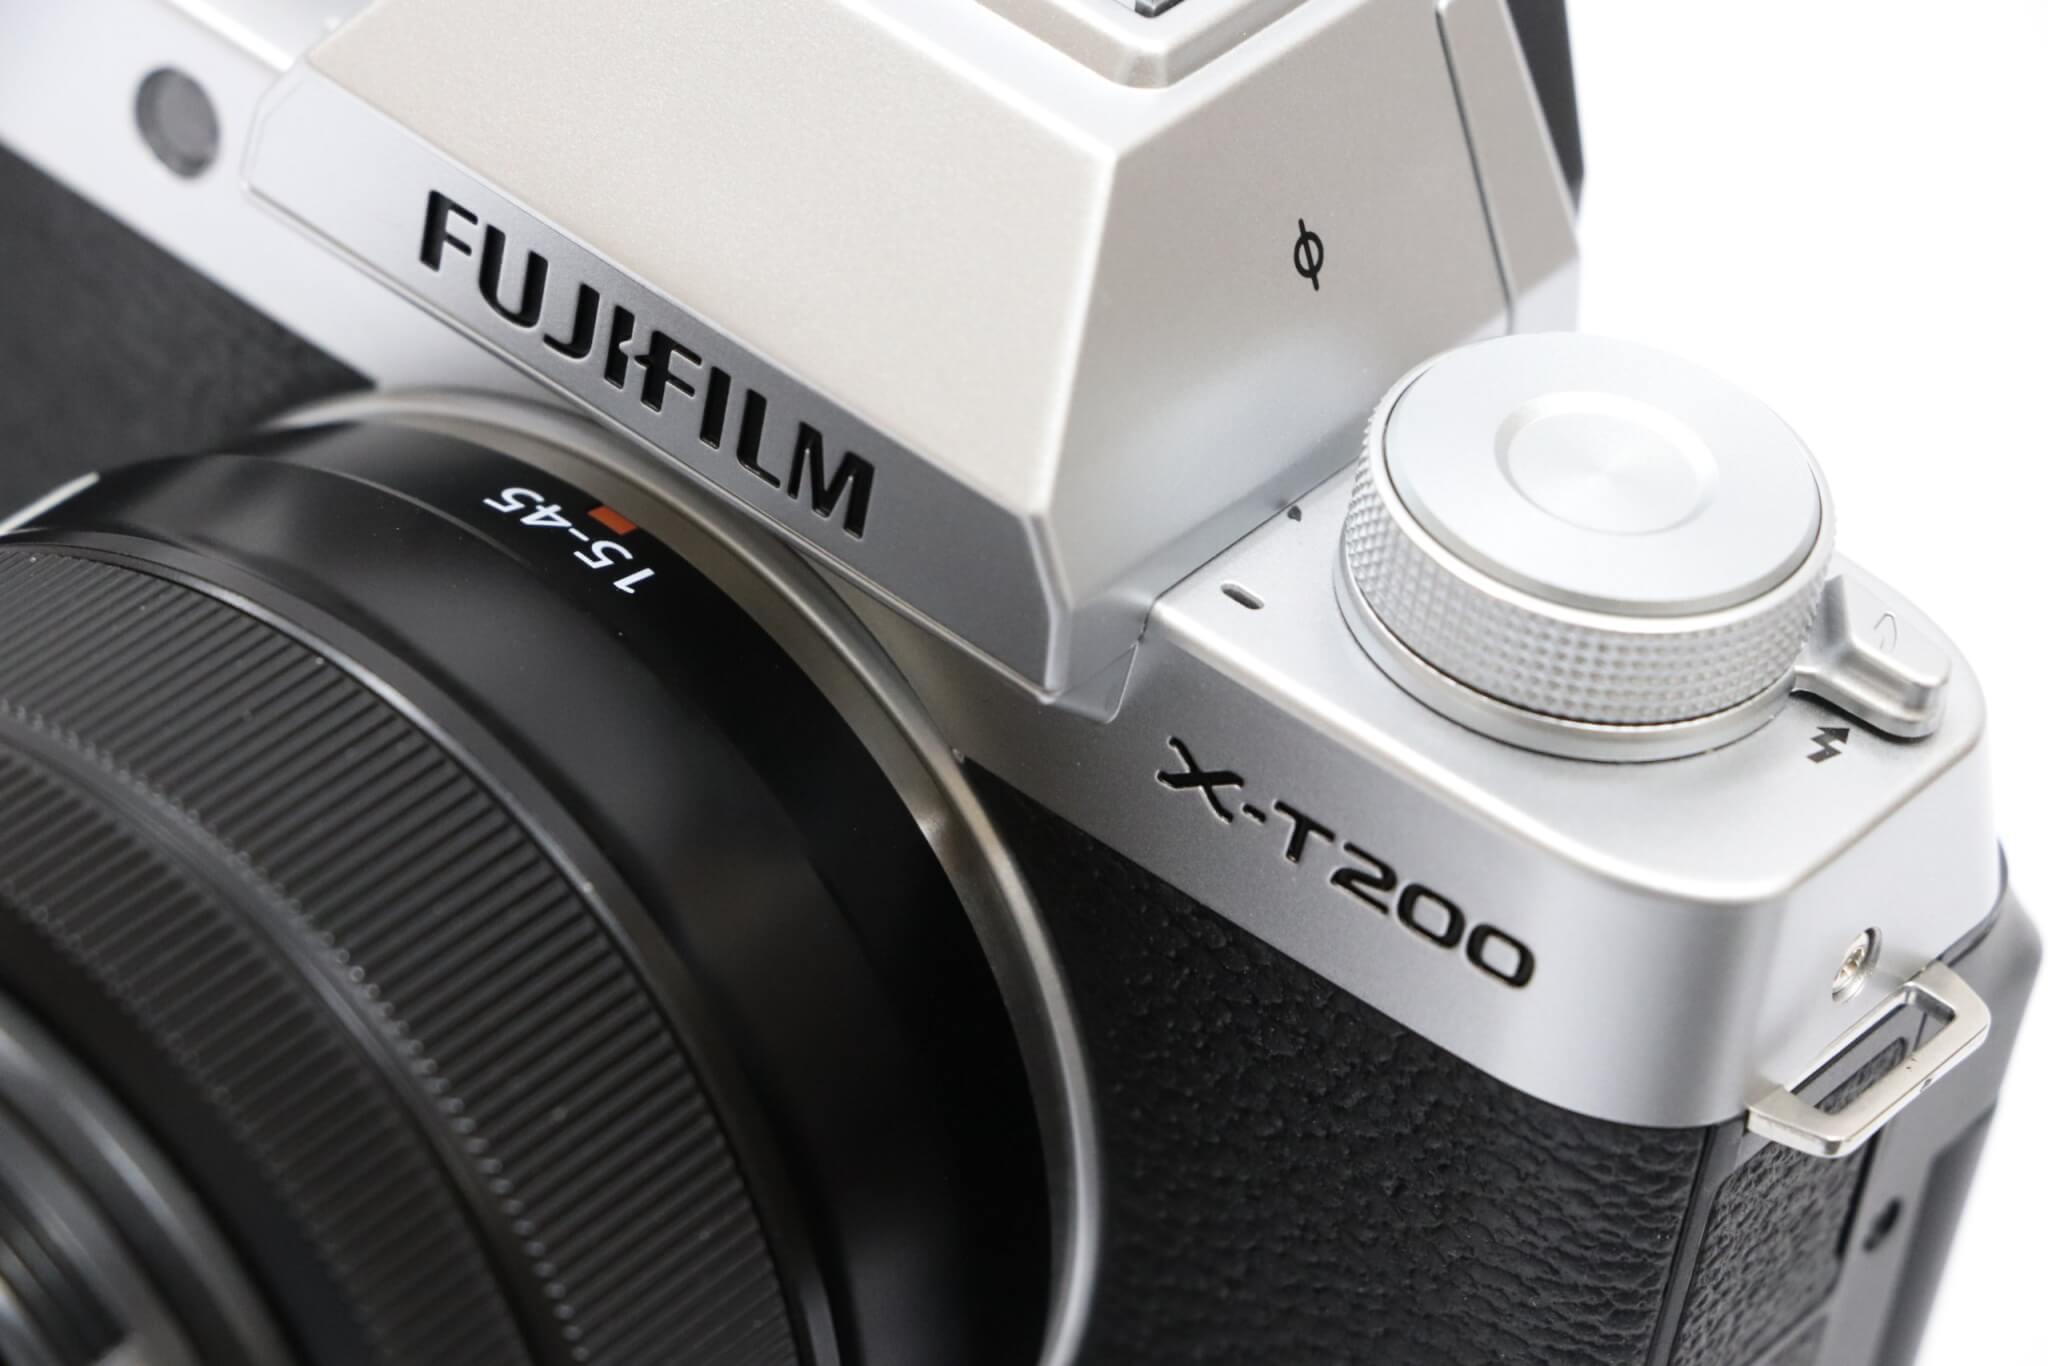 FUJIFILM X-T200実写レビュー。大型モニター搭載、撮りたい瞬間を逃さない「顔・瞳AF」を備えた最新ミラーレス一眼